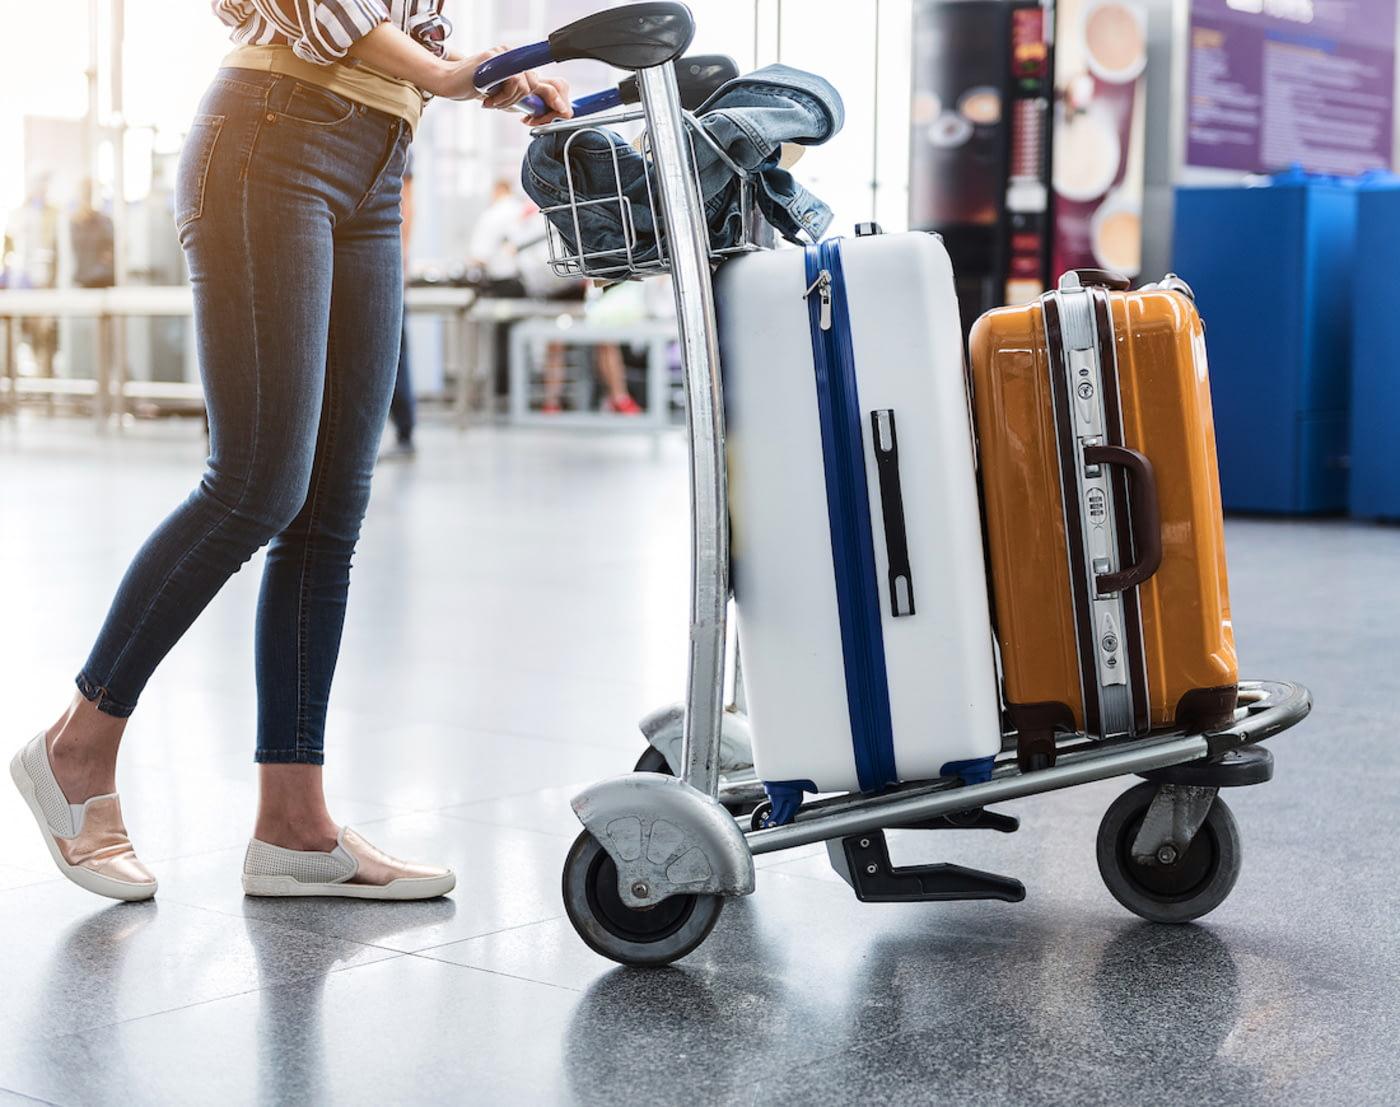 Frau schiebt Kofferkuli voll mit Gepäck durch den Flughafen